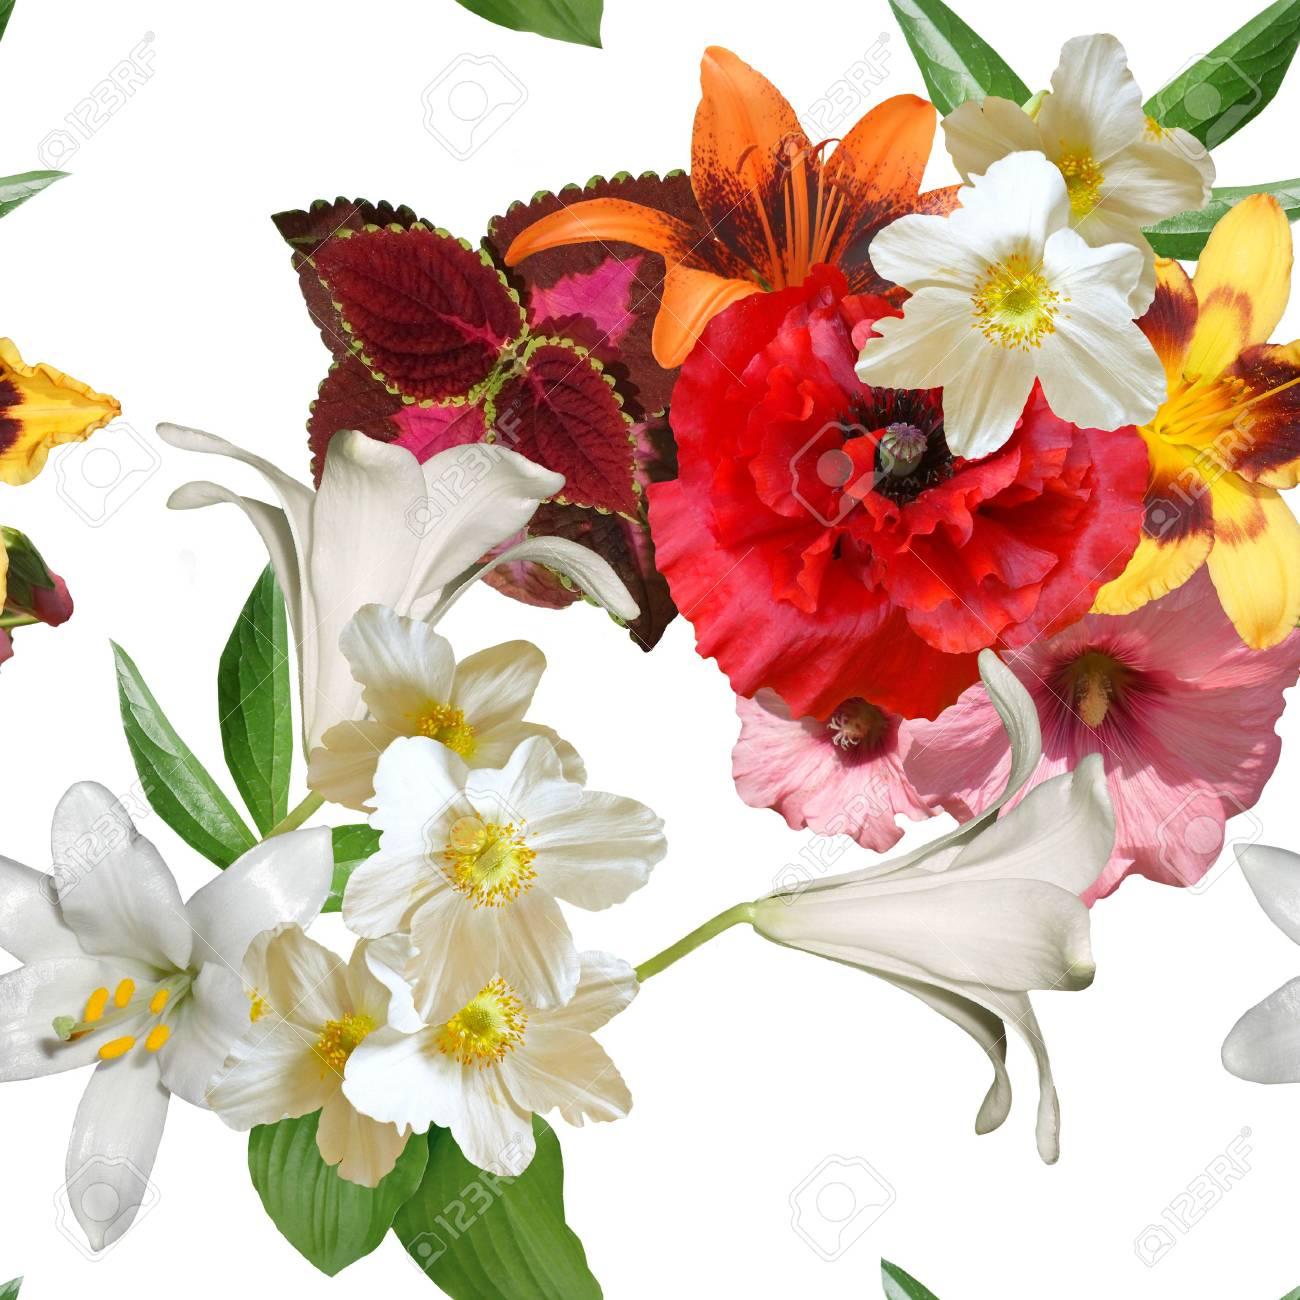 Immagini Stock Bouquet Di Fiori Primaverili Su Uno Sfondo Bianco